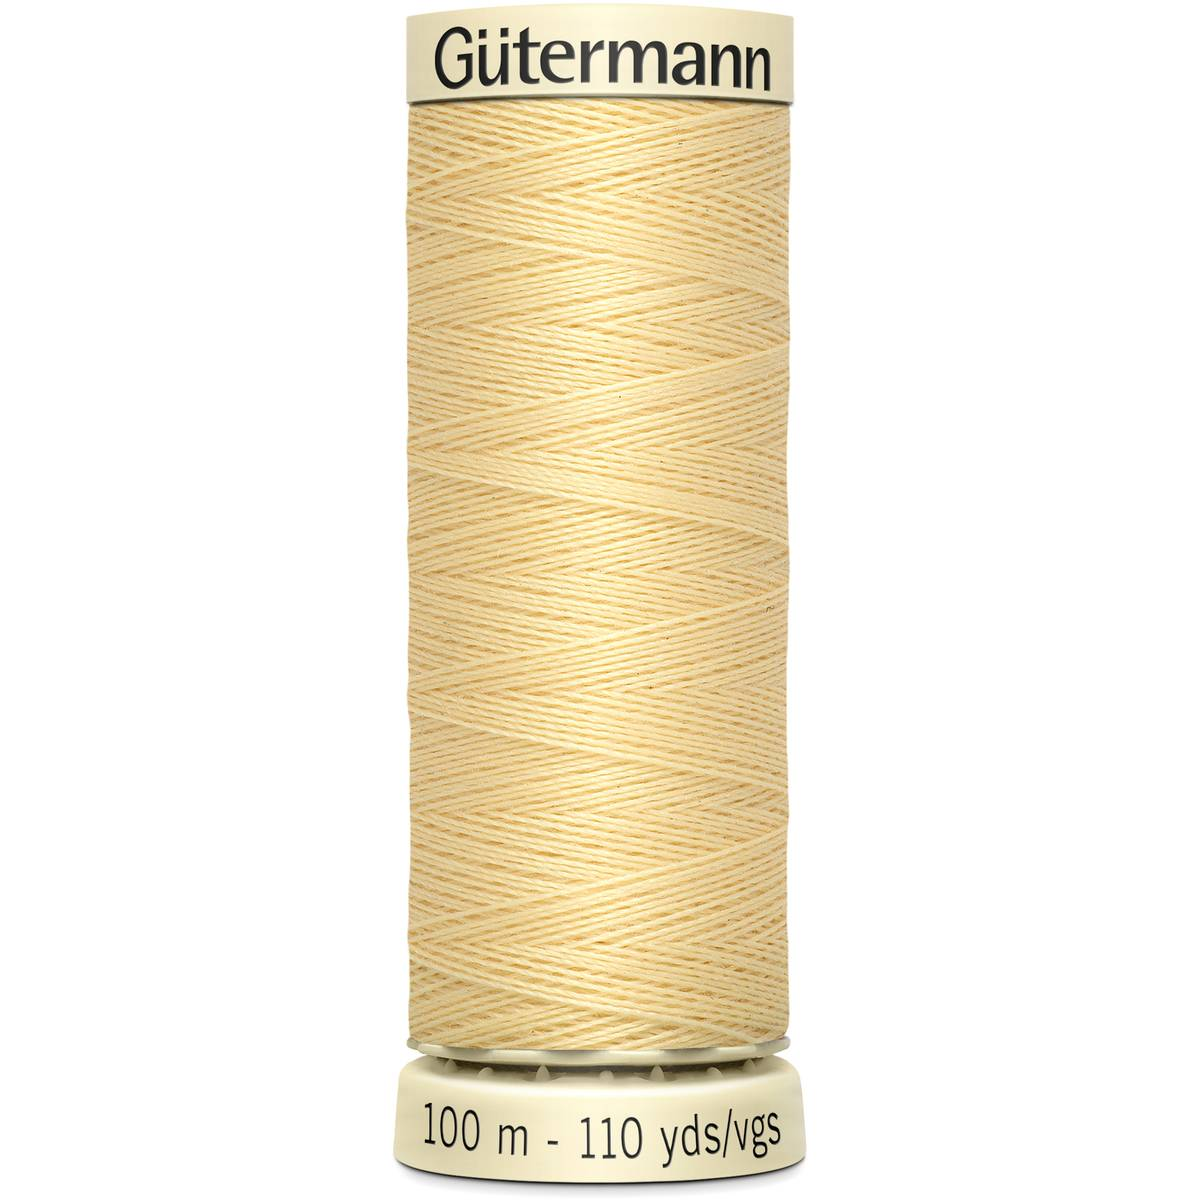 חוט תפירה גוטרמן - Yellow 325